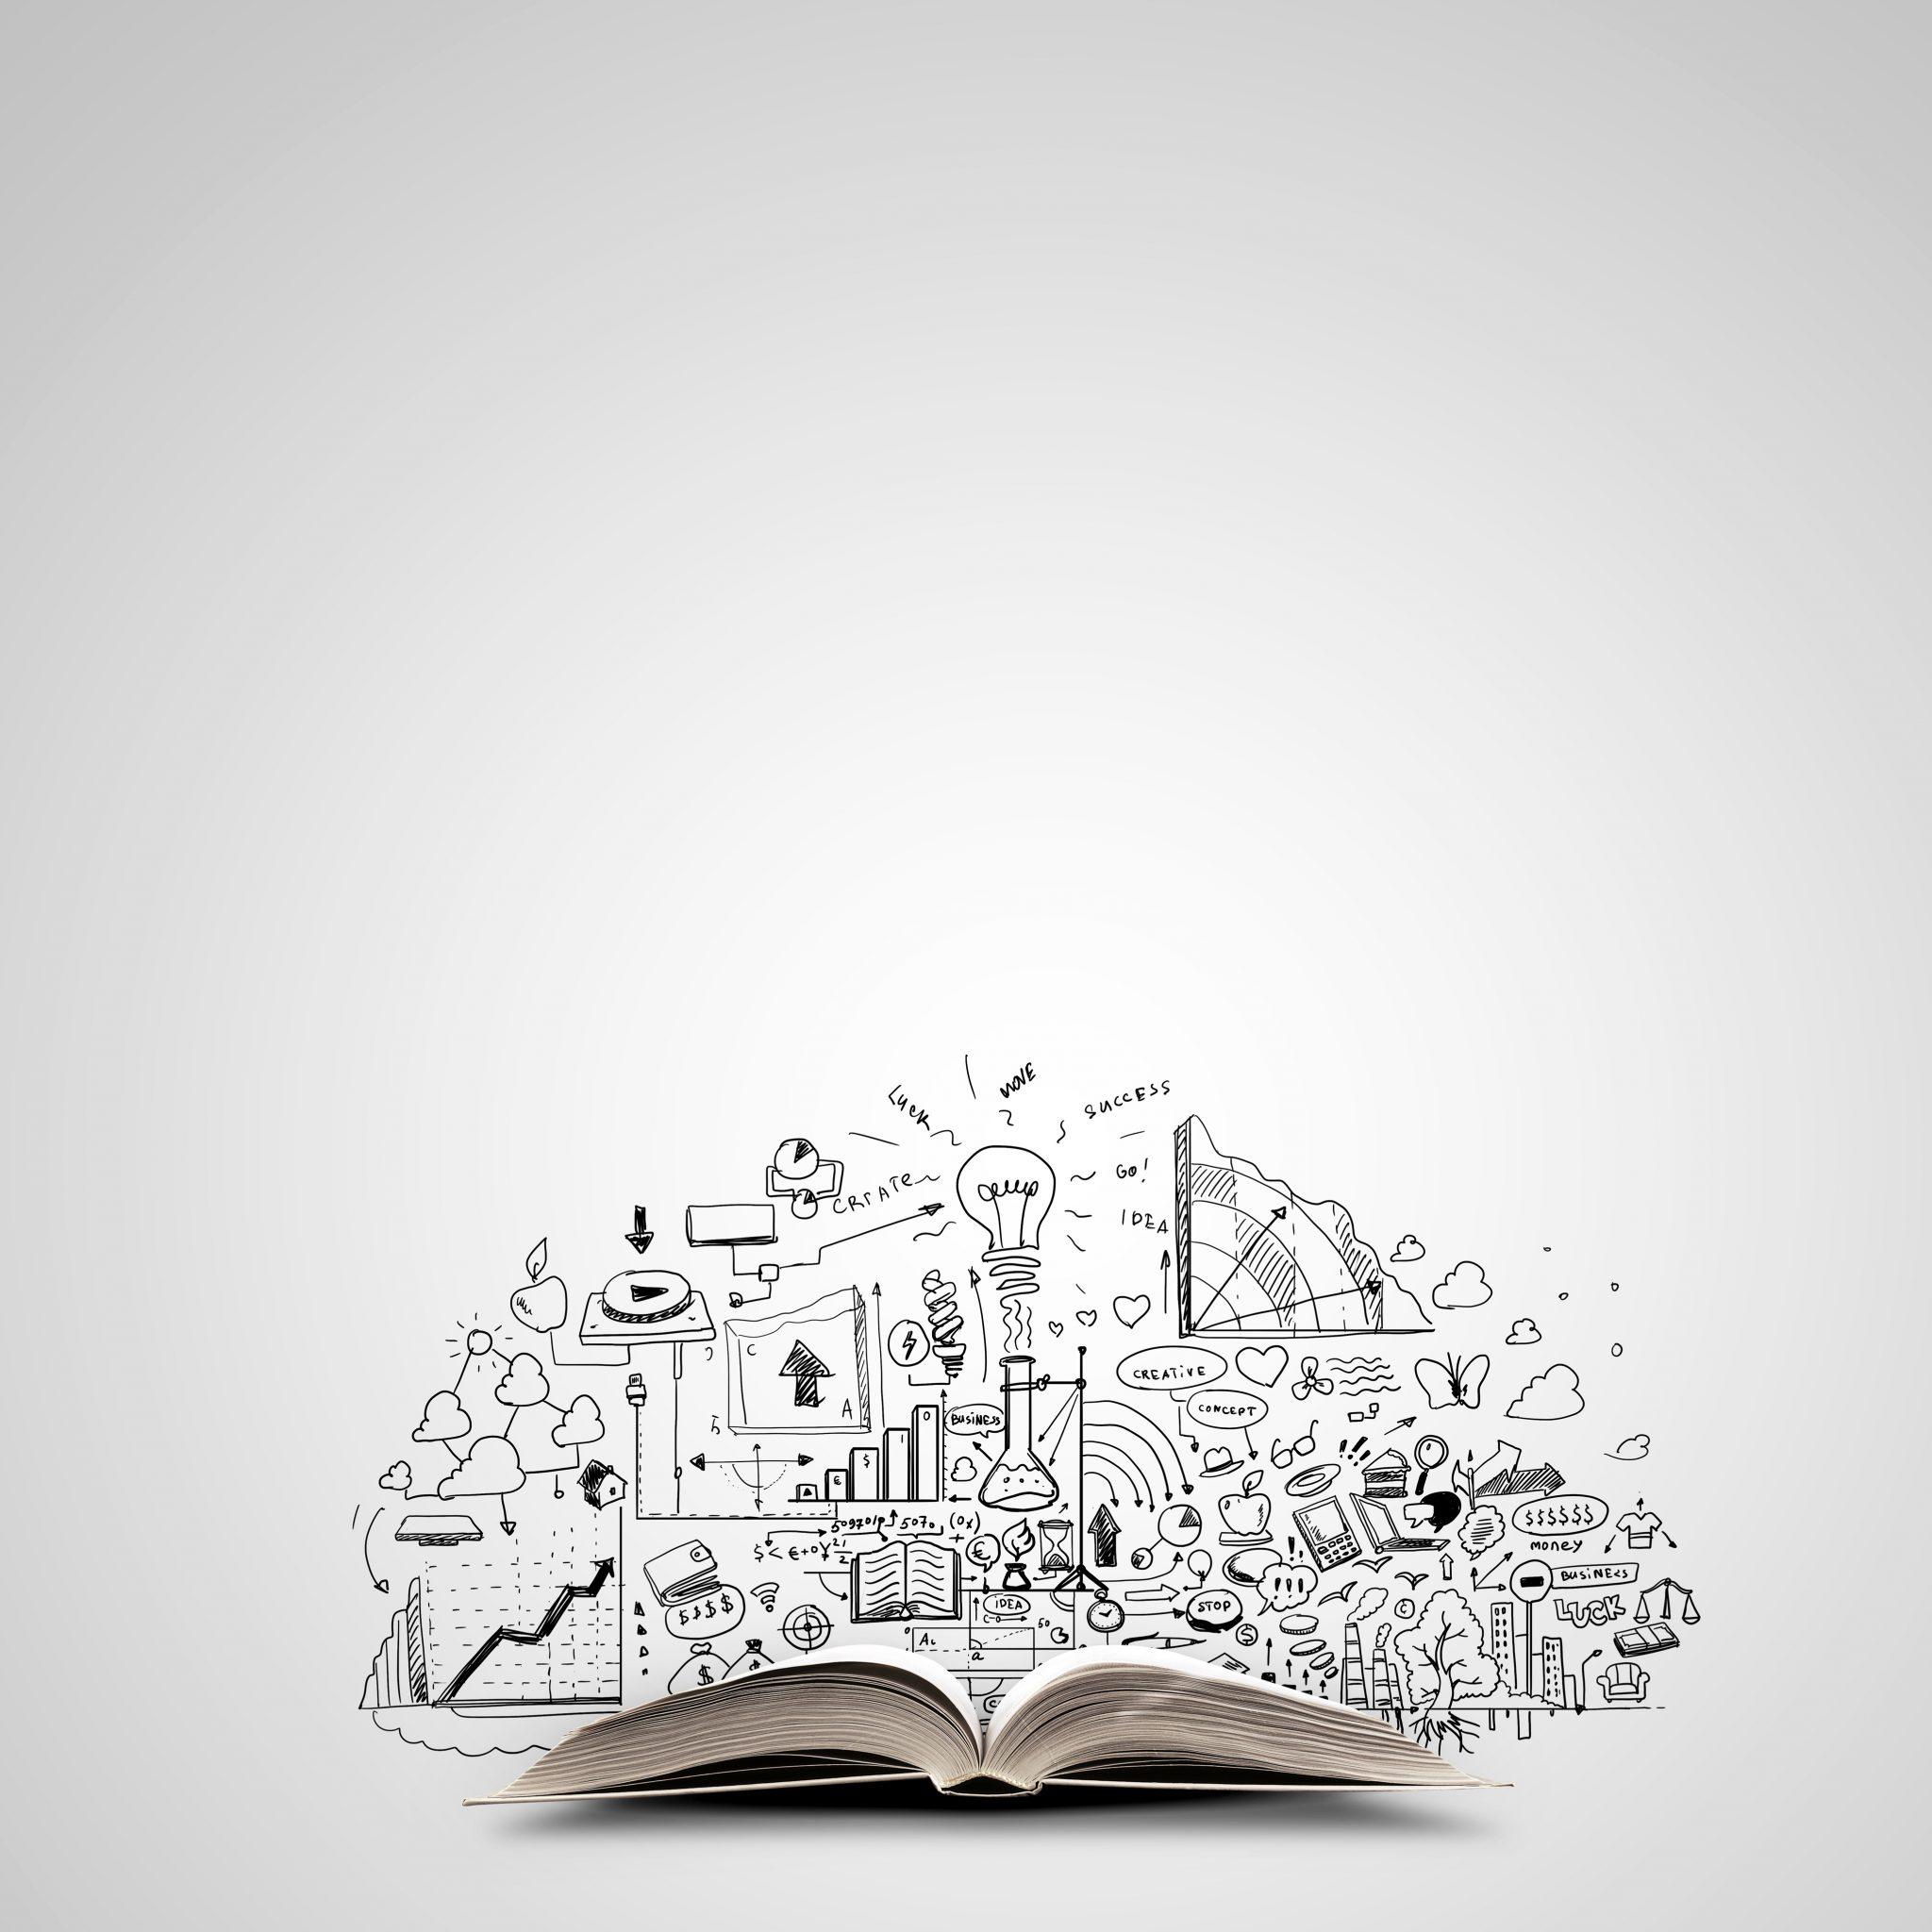 Symbolbild Aufgeschlagenes Buch mit kreativen Symbolen zwischen den Buchseiten